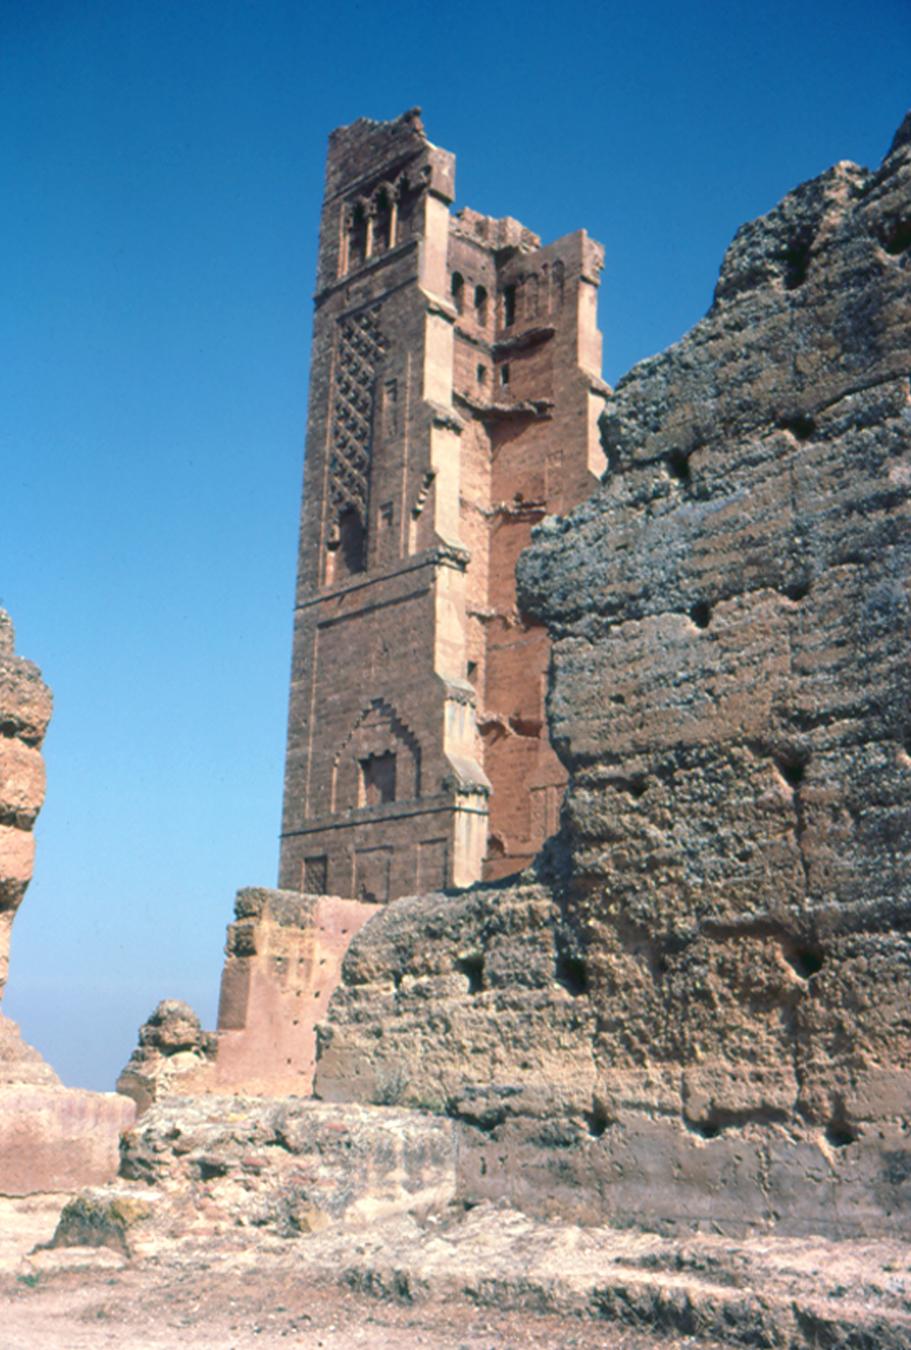 Tlemcen Algeria  City pictures : Tlemcen, Algeria Ruin of Mansoura Wikimedia Commons